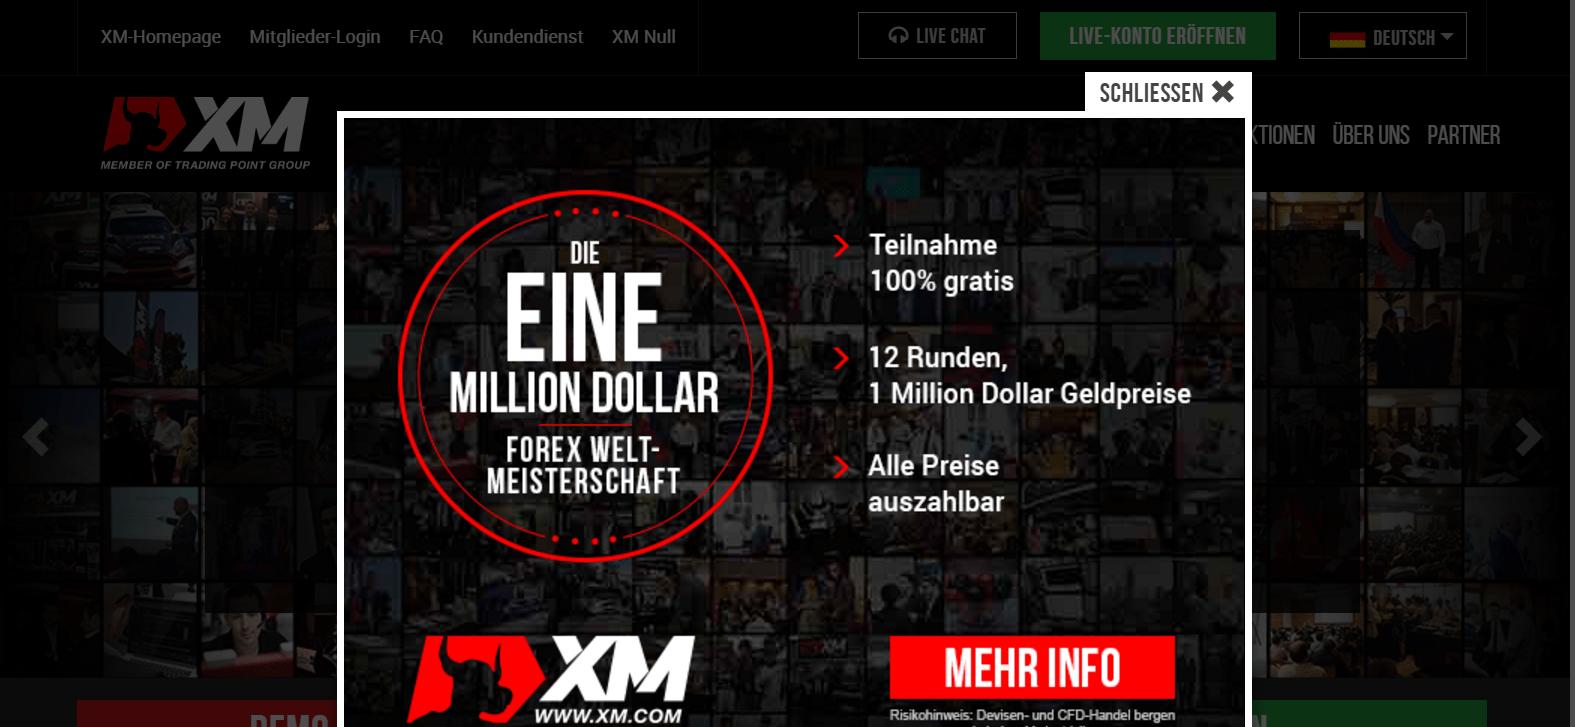 XM.com Forex-Meisterschaft